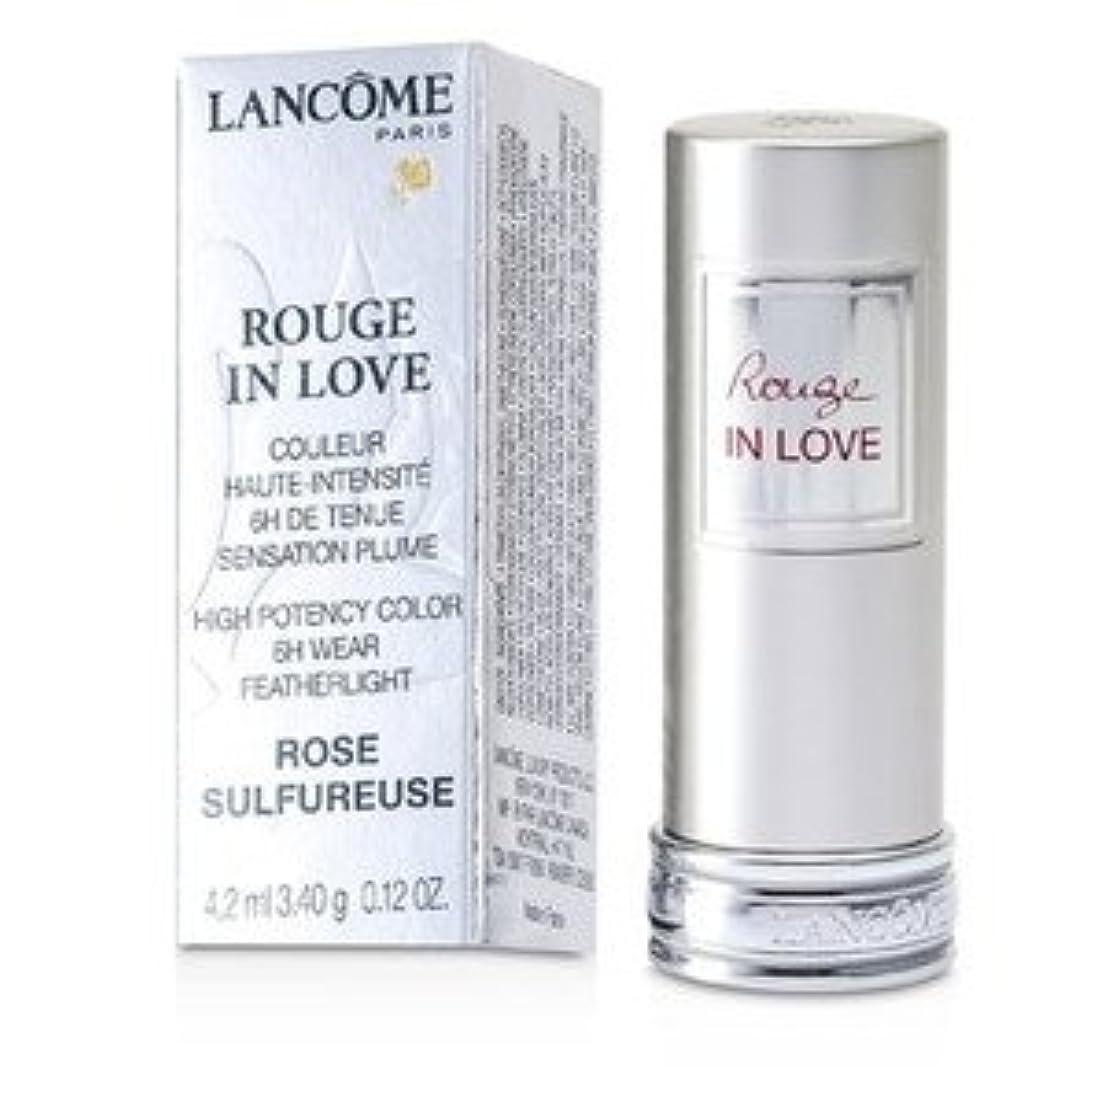 キャリッジ難しいフロントLANCOME(ランコム) ルージュ イン ラブ - #379N Rose Sulfureuse 4.2ml/0.12oz [並行輸入品]